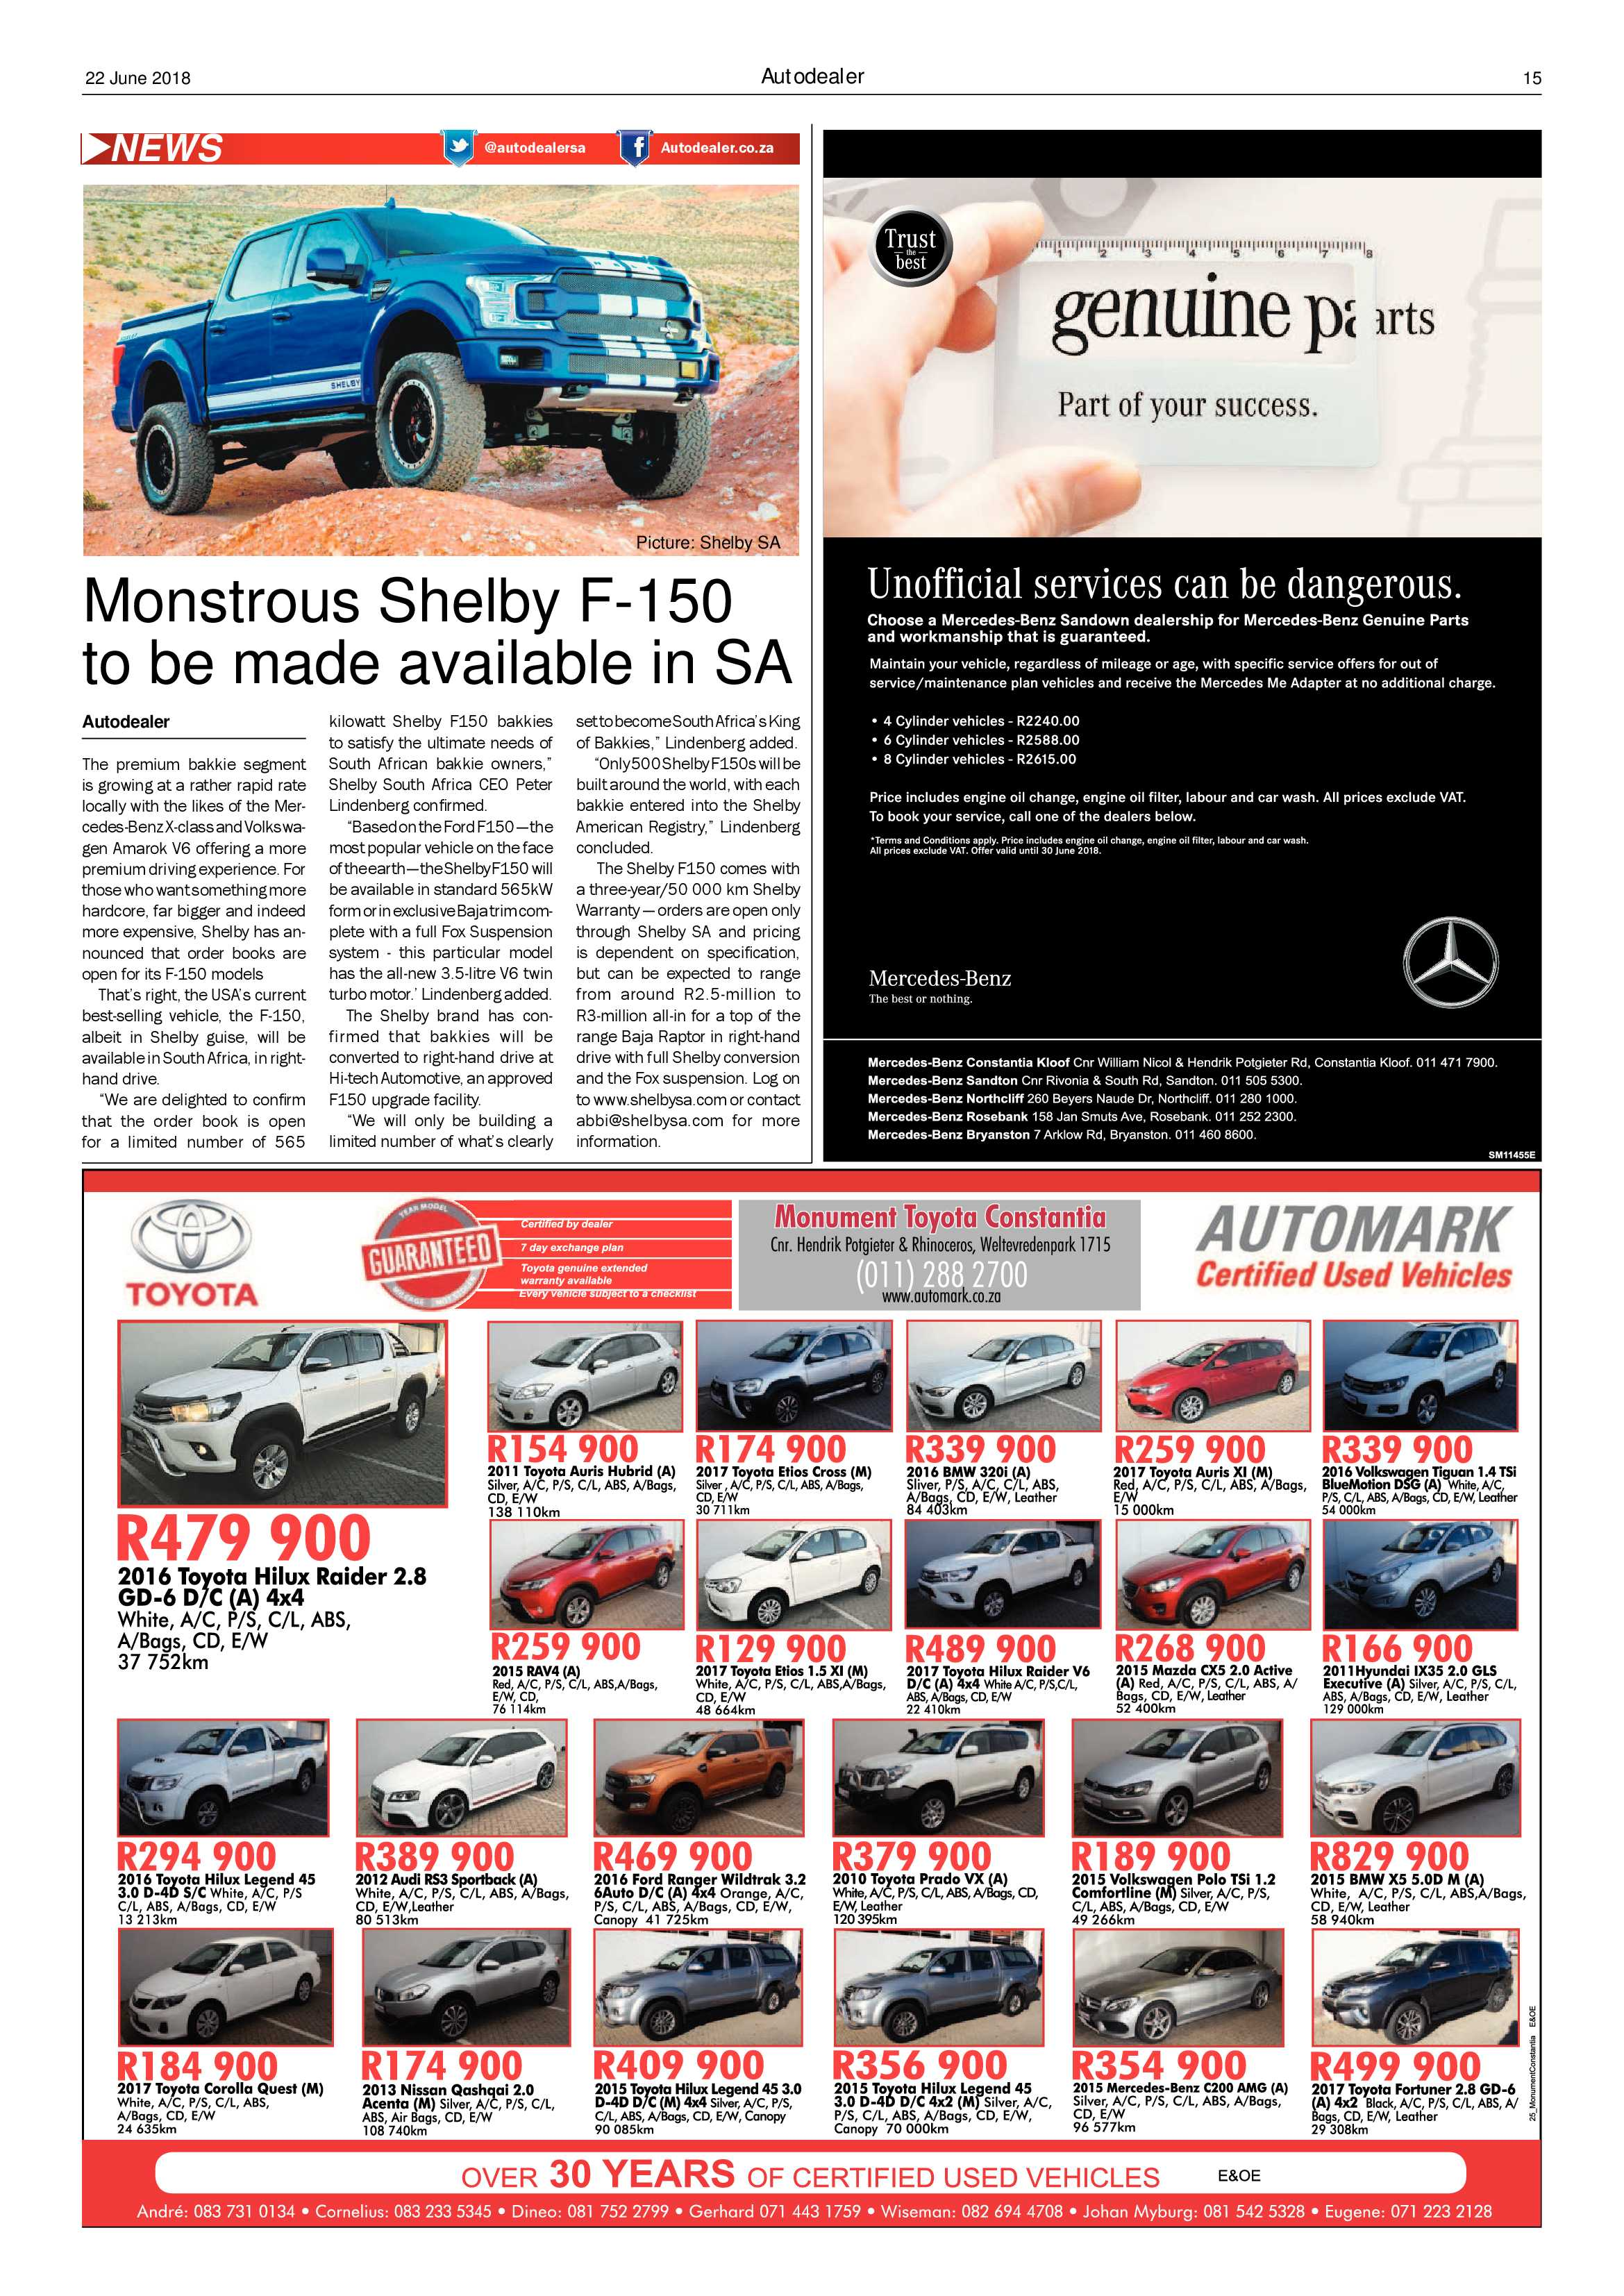 Randfontein Herald 22 June 2018